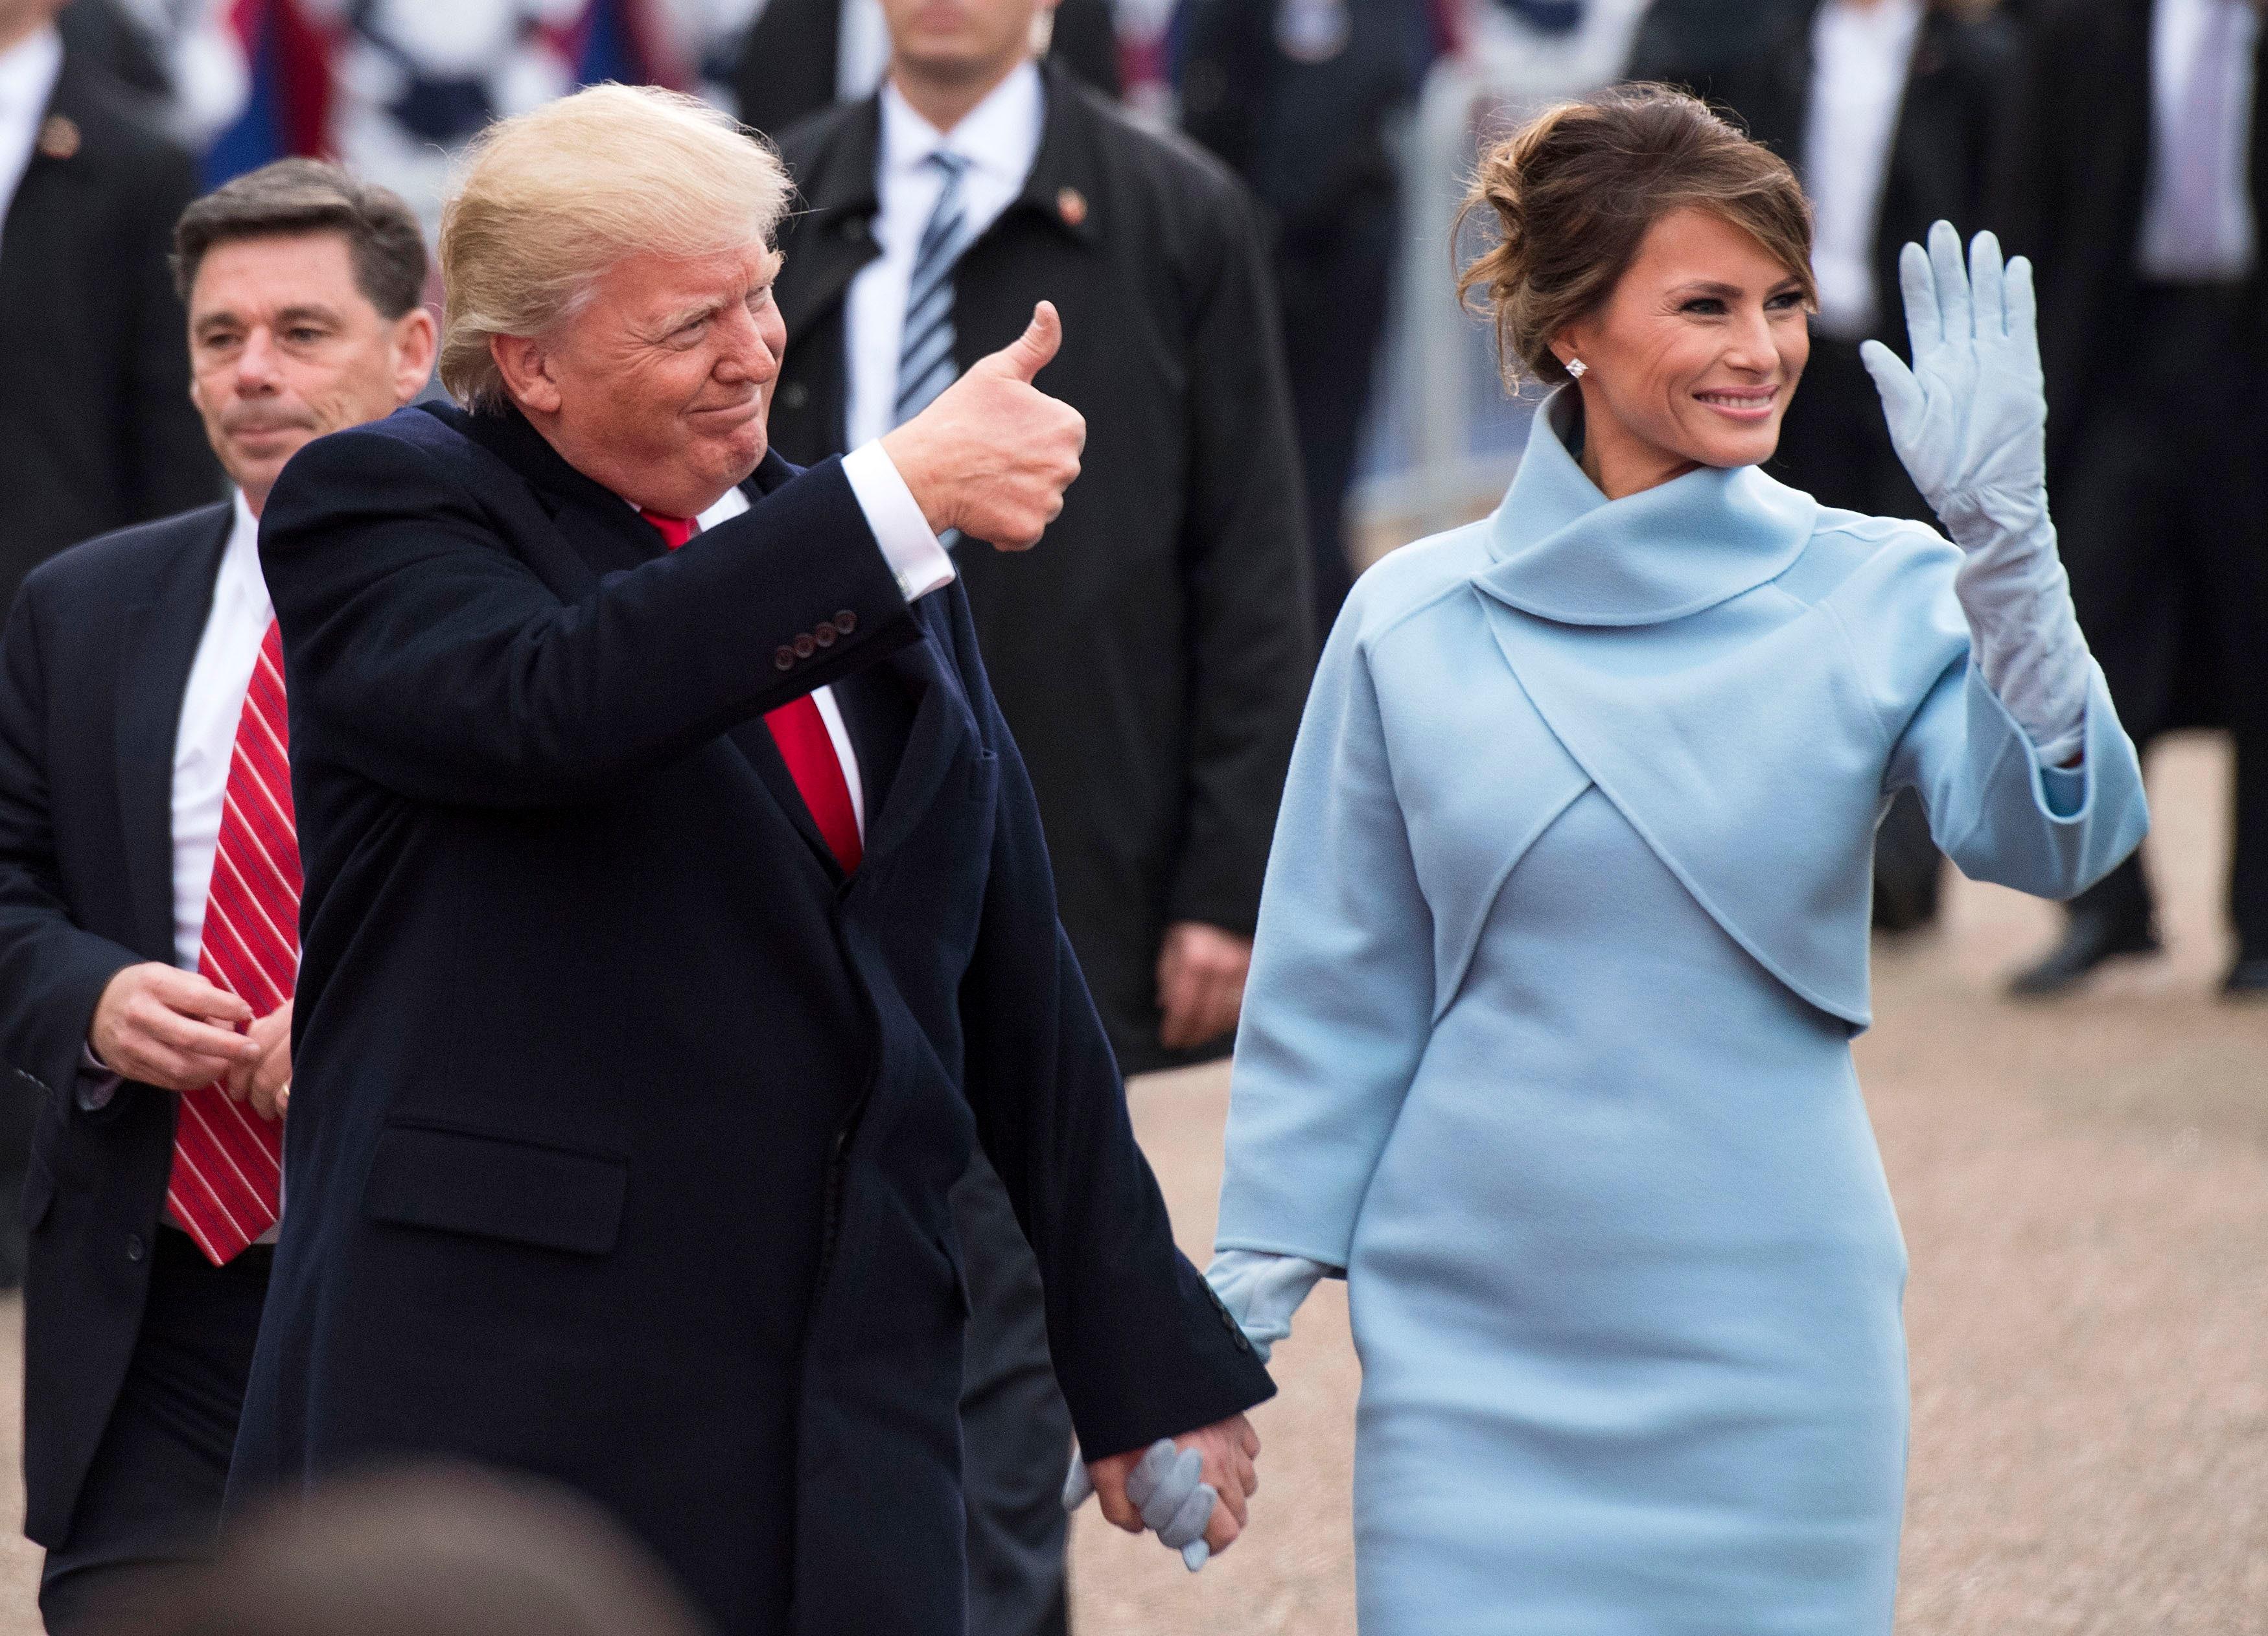 Melania Trump xuất hiện trong trang phục màu xanh nhạt